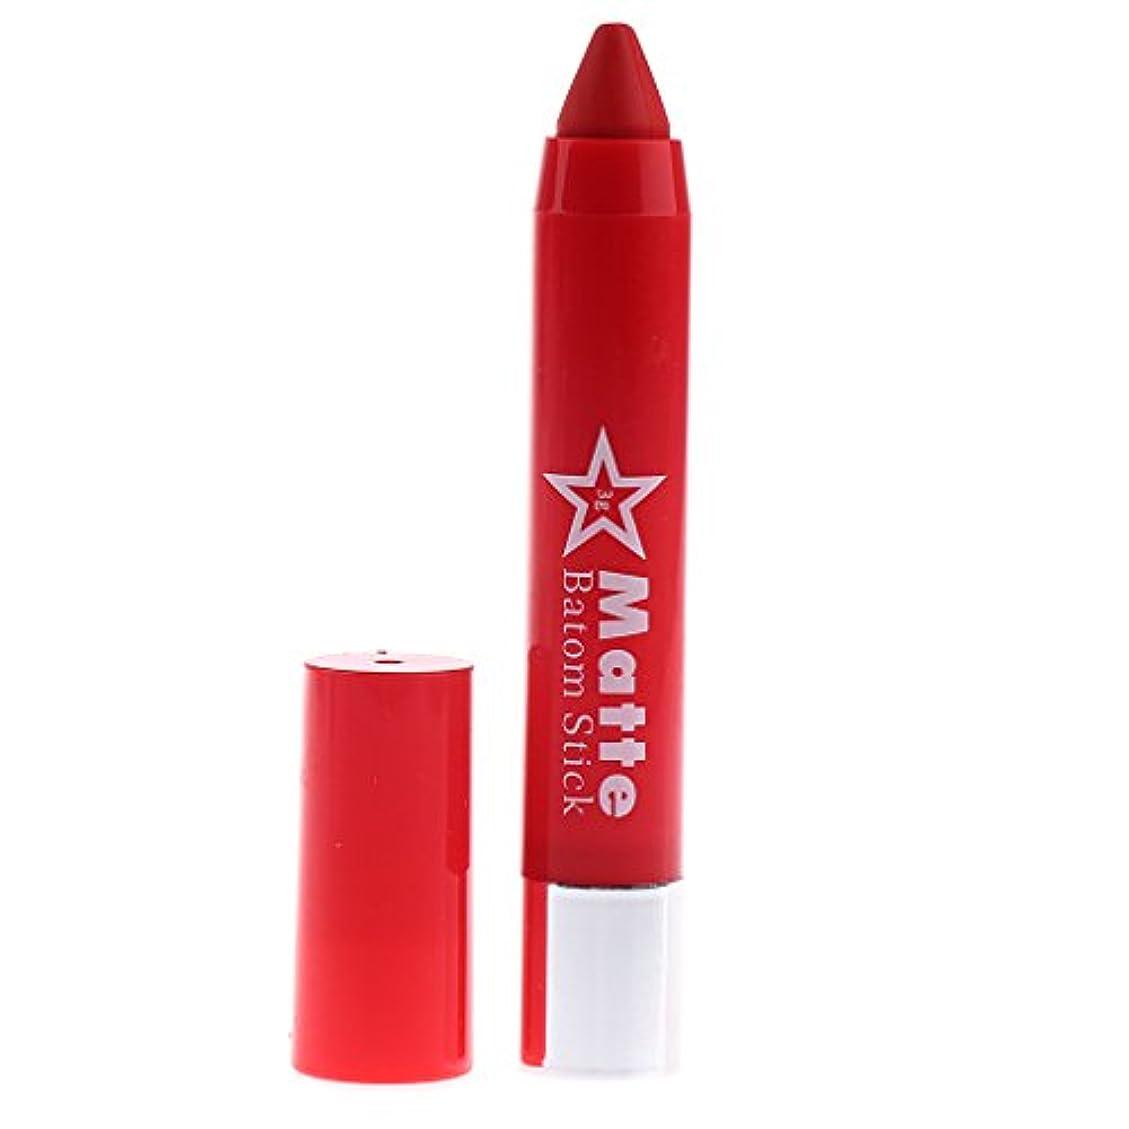 コンプリート持参同情的T TOOYFUL 6色セット 長持ち 保湿 口紅 リップスティック 高彩度カラー 人気カラー 携帯便利 女性のギルト - #F